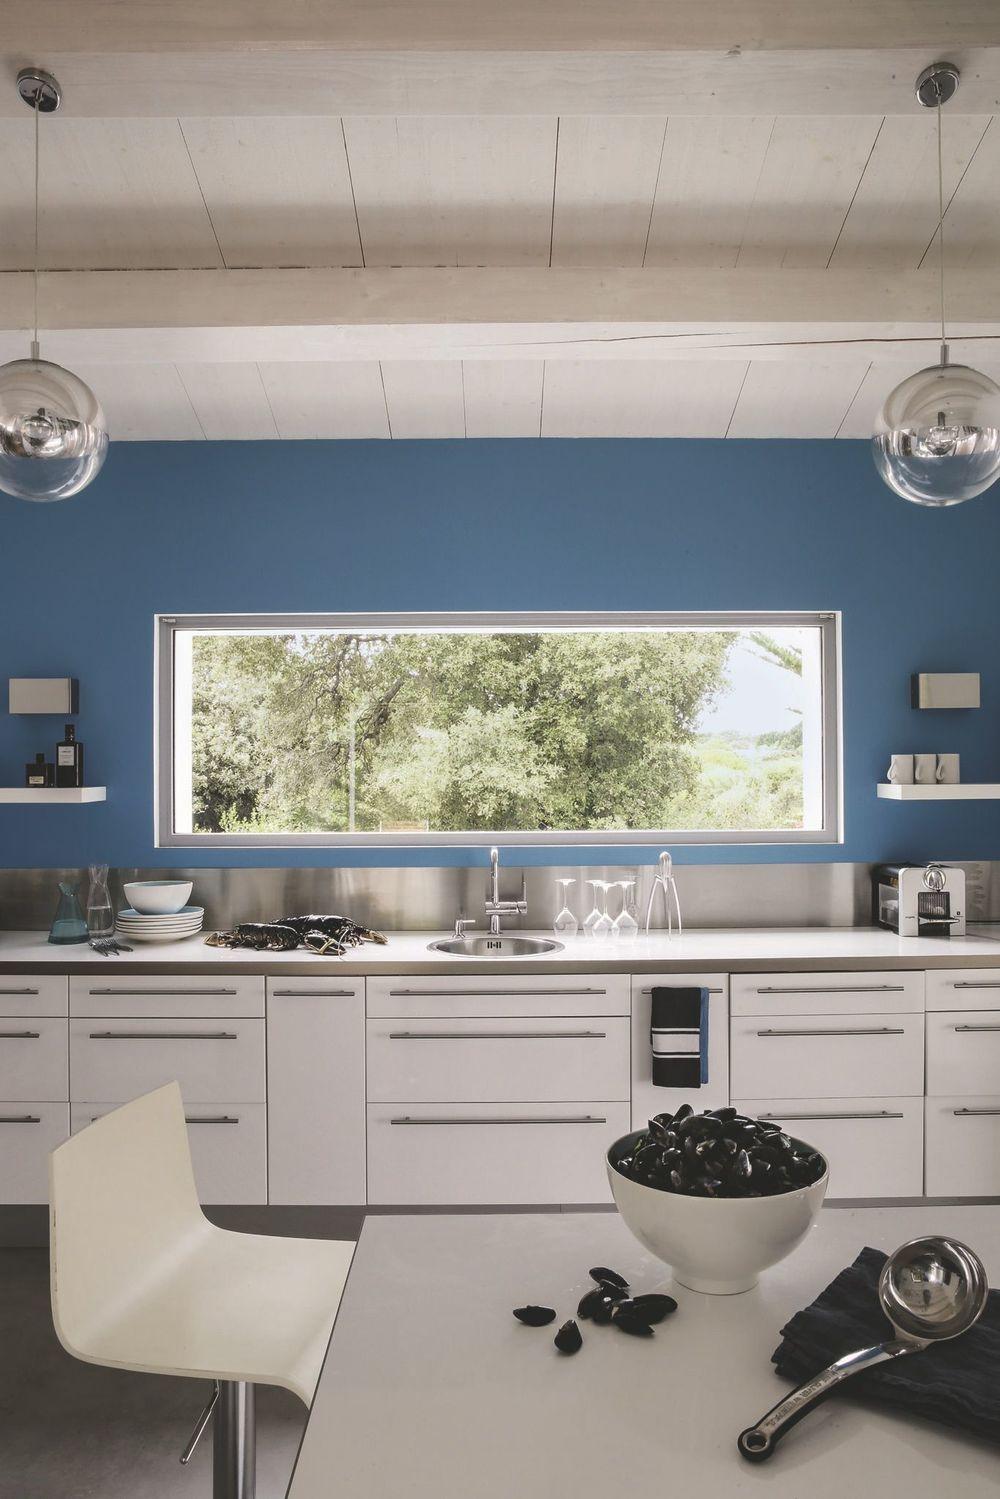 Cuisine Provencale Blanche Et Bleue maison de vacances à noirmoutier nature familiale et détente